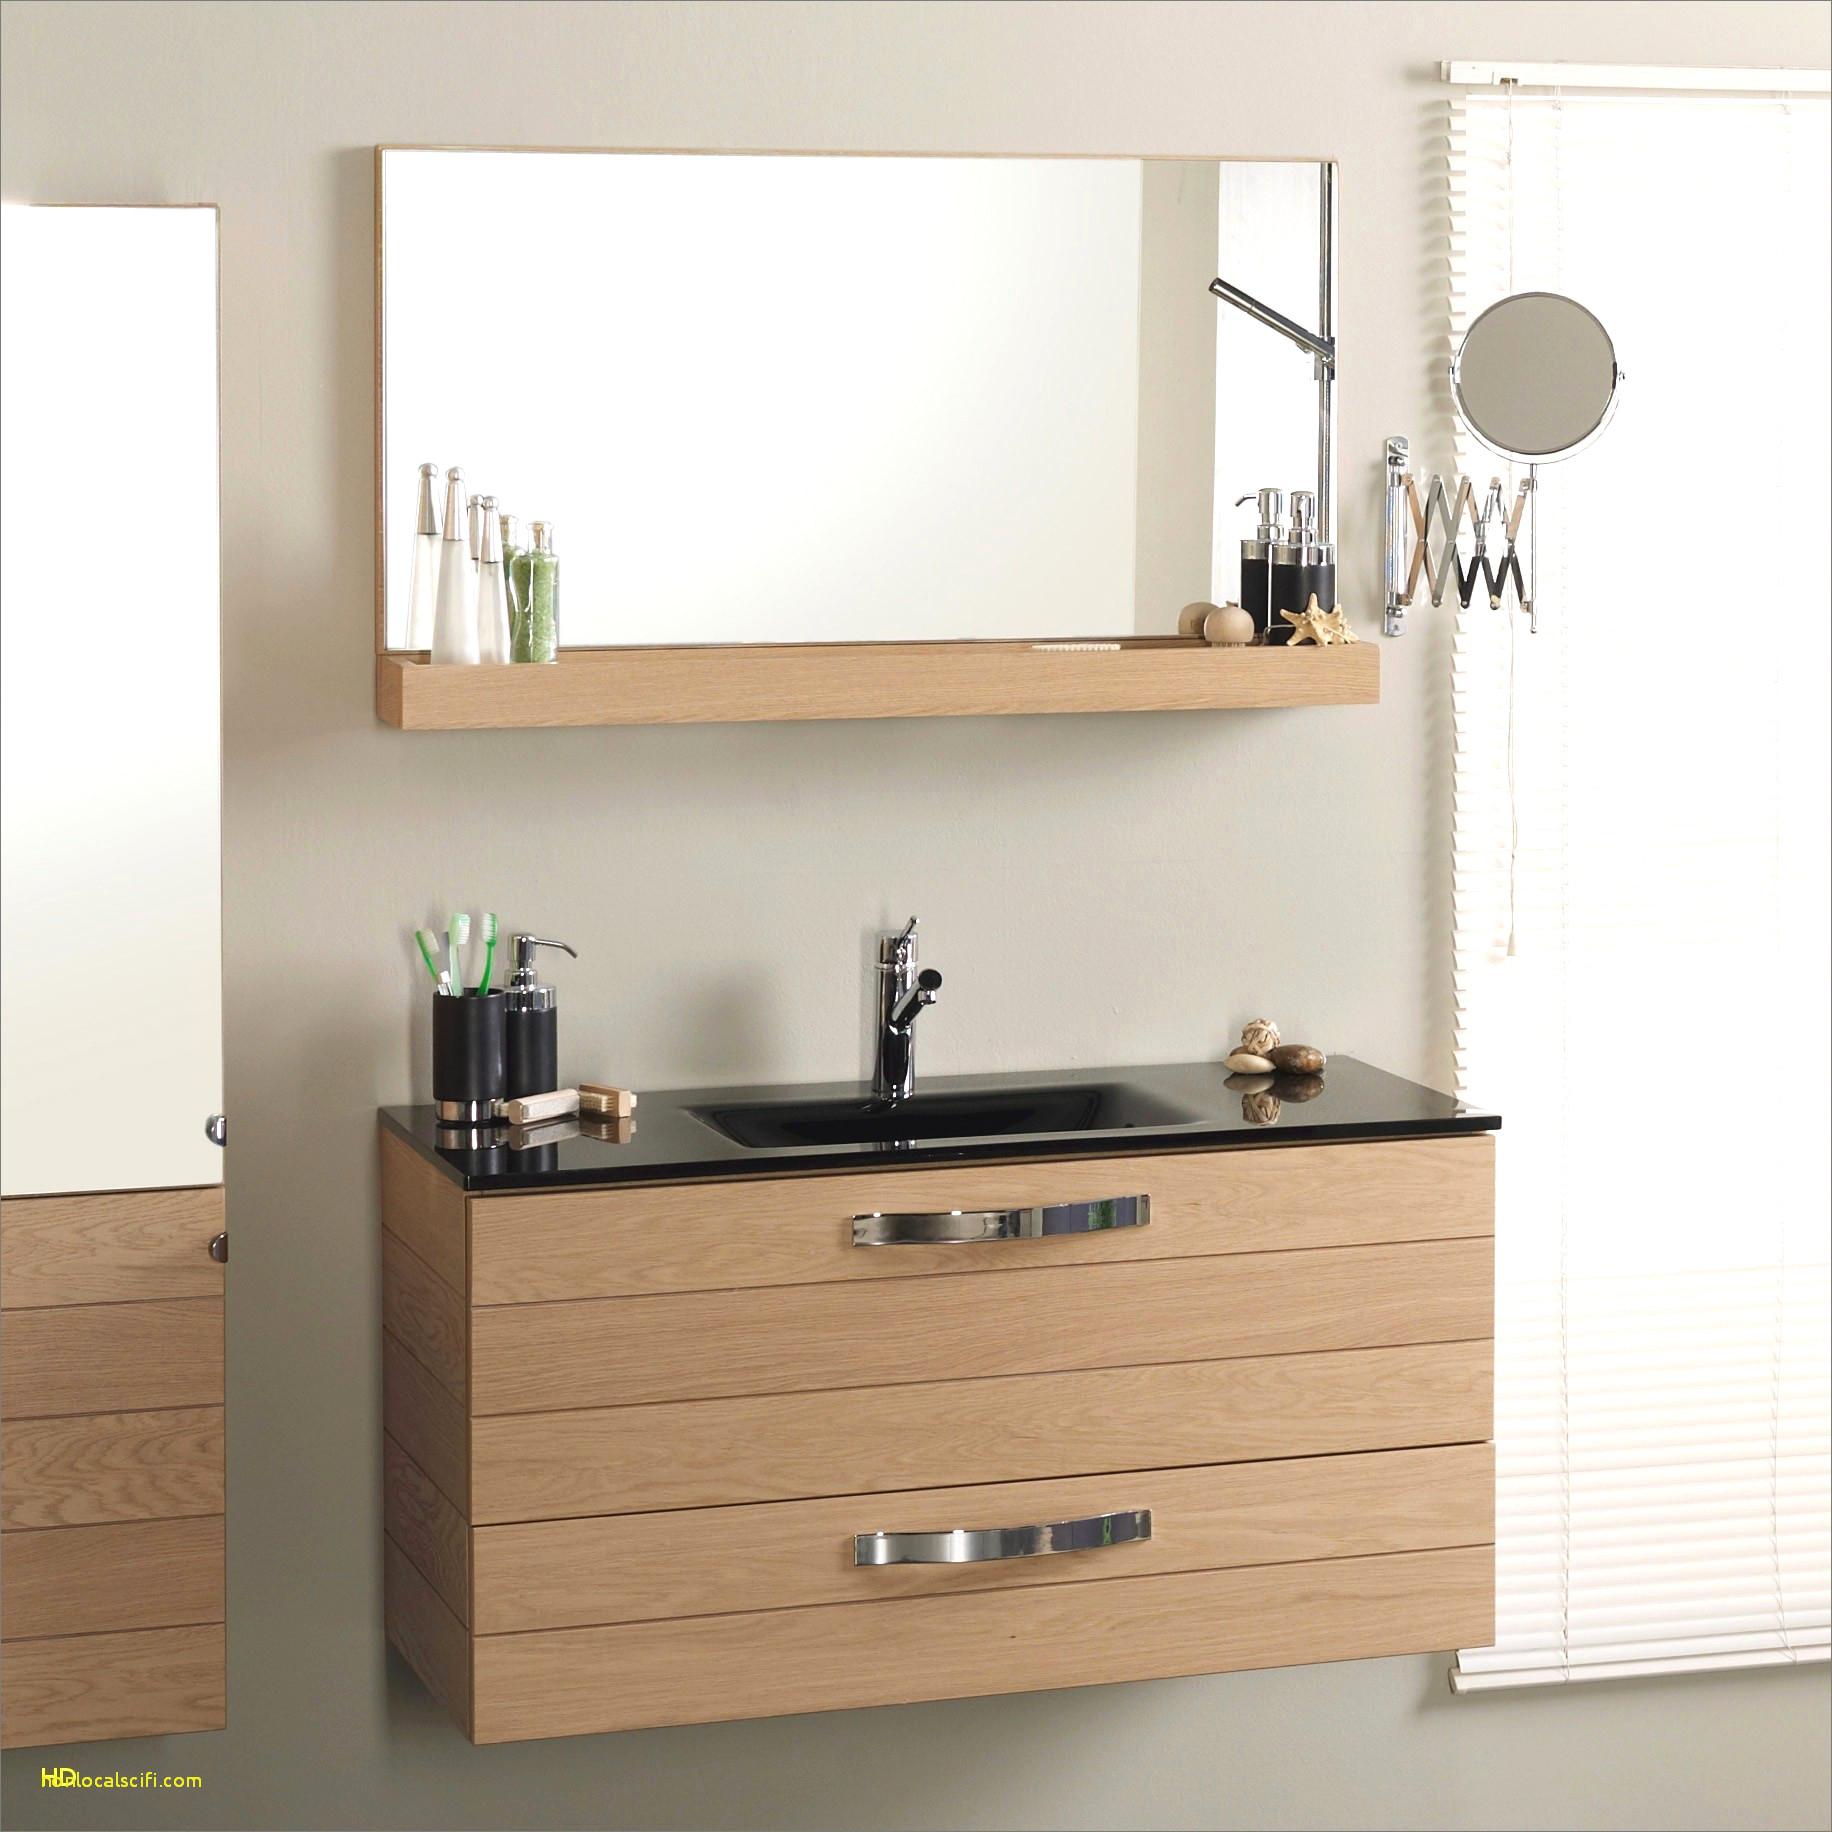 Lavabo Double Vasque Ikea Frais Image Résultat Supérieur 99 Unique Meuble Sdb Bois Stock 2018 Phe2 2017